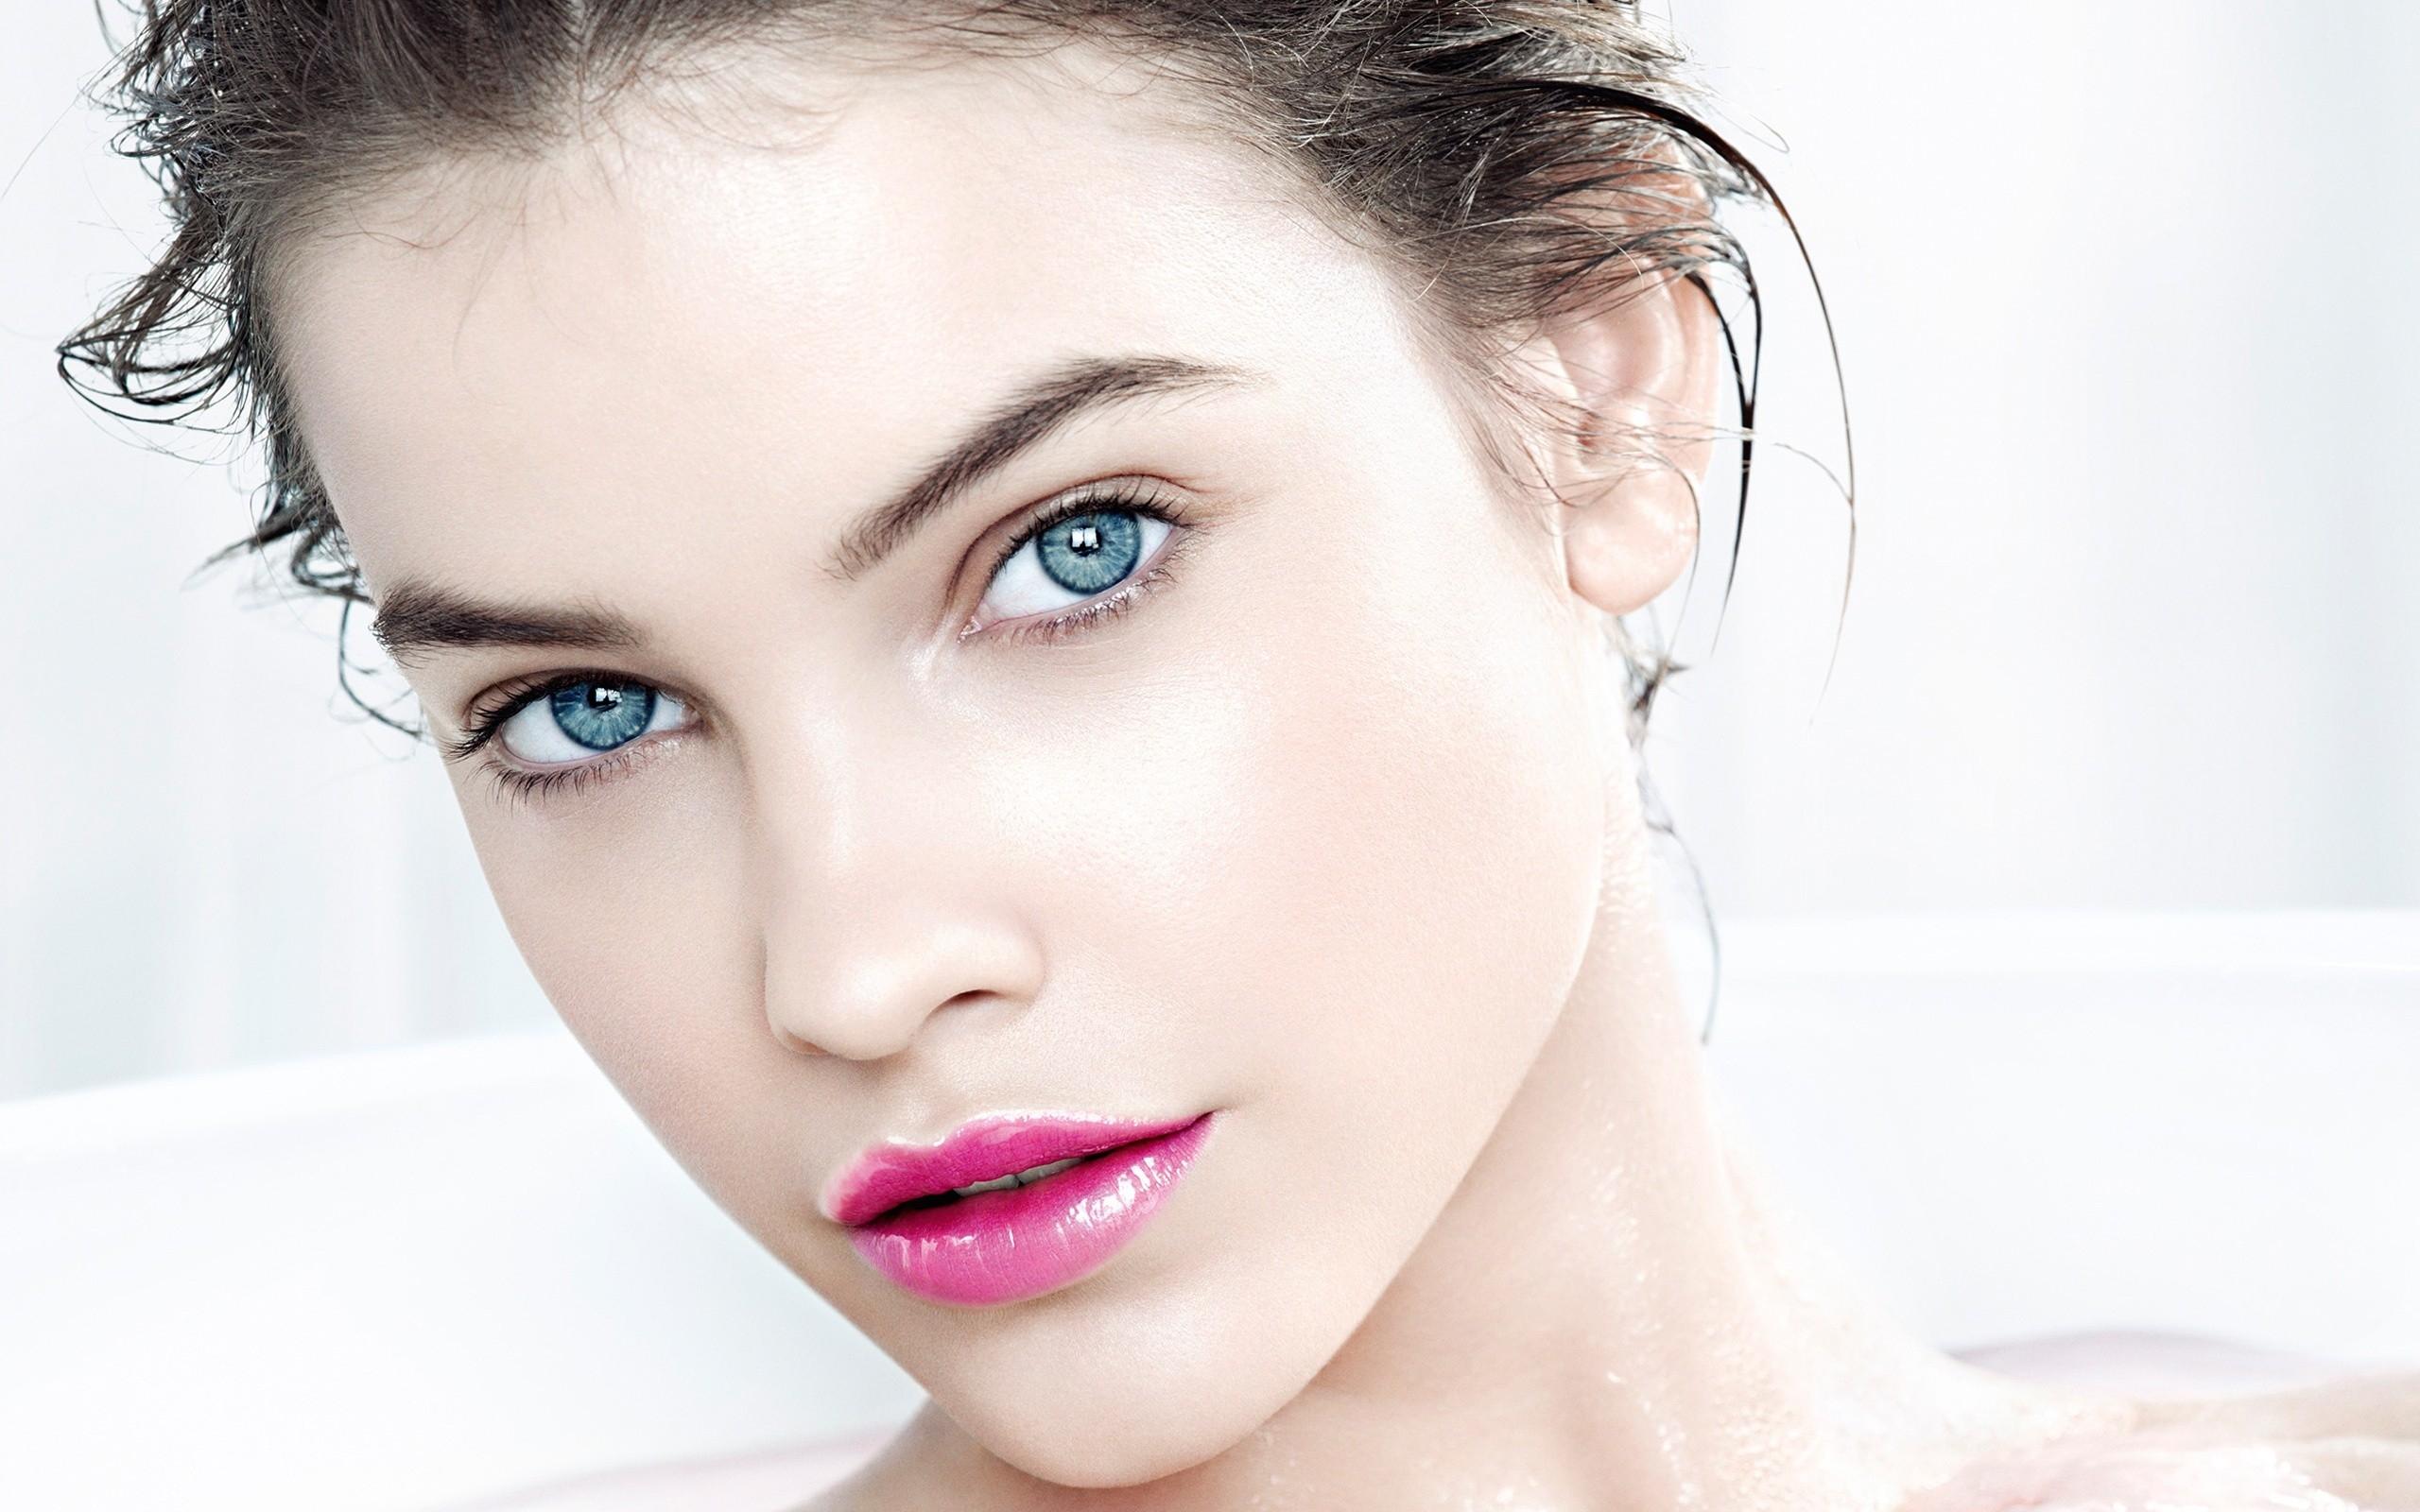 배경 화면 : 바바라 팔빈, 모델, 소녀, 구성하다, 얼굴 2560x1600